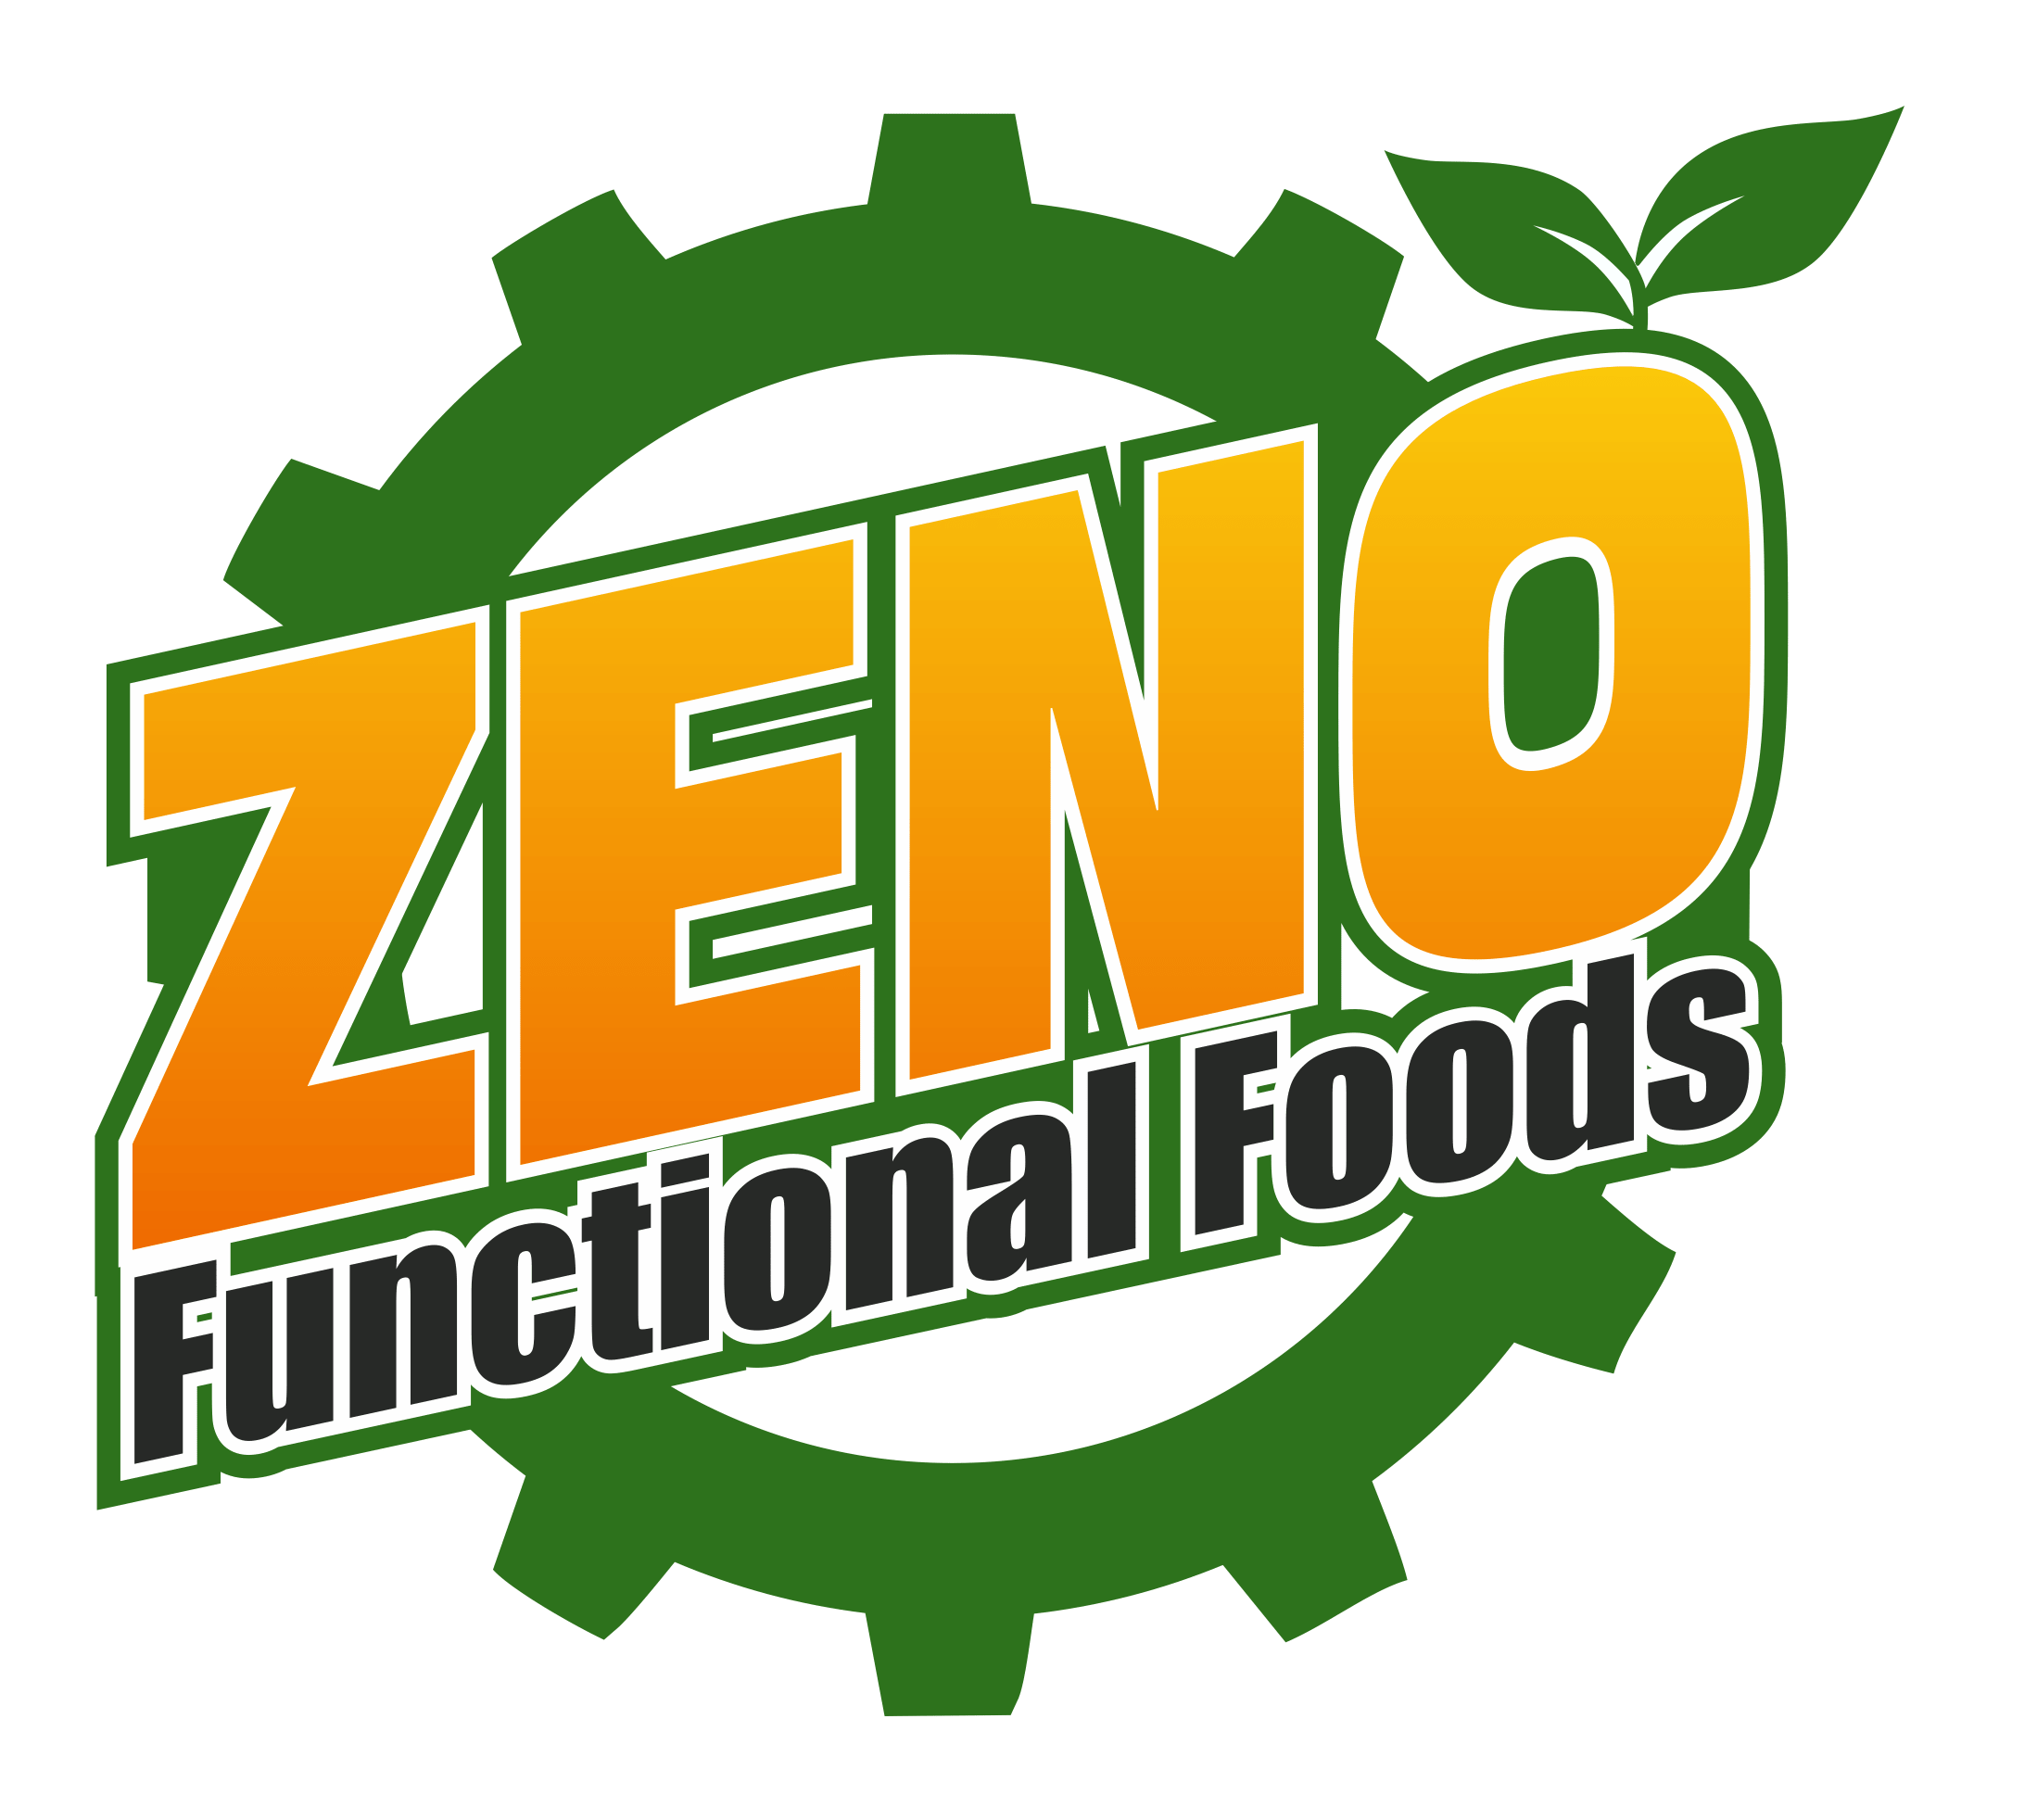 Zeno Functional Foods in Northern California